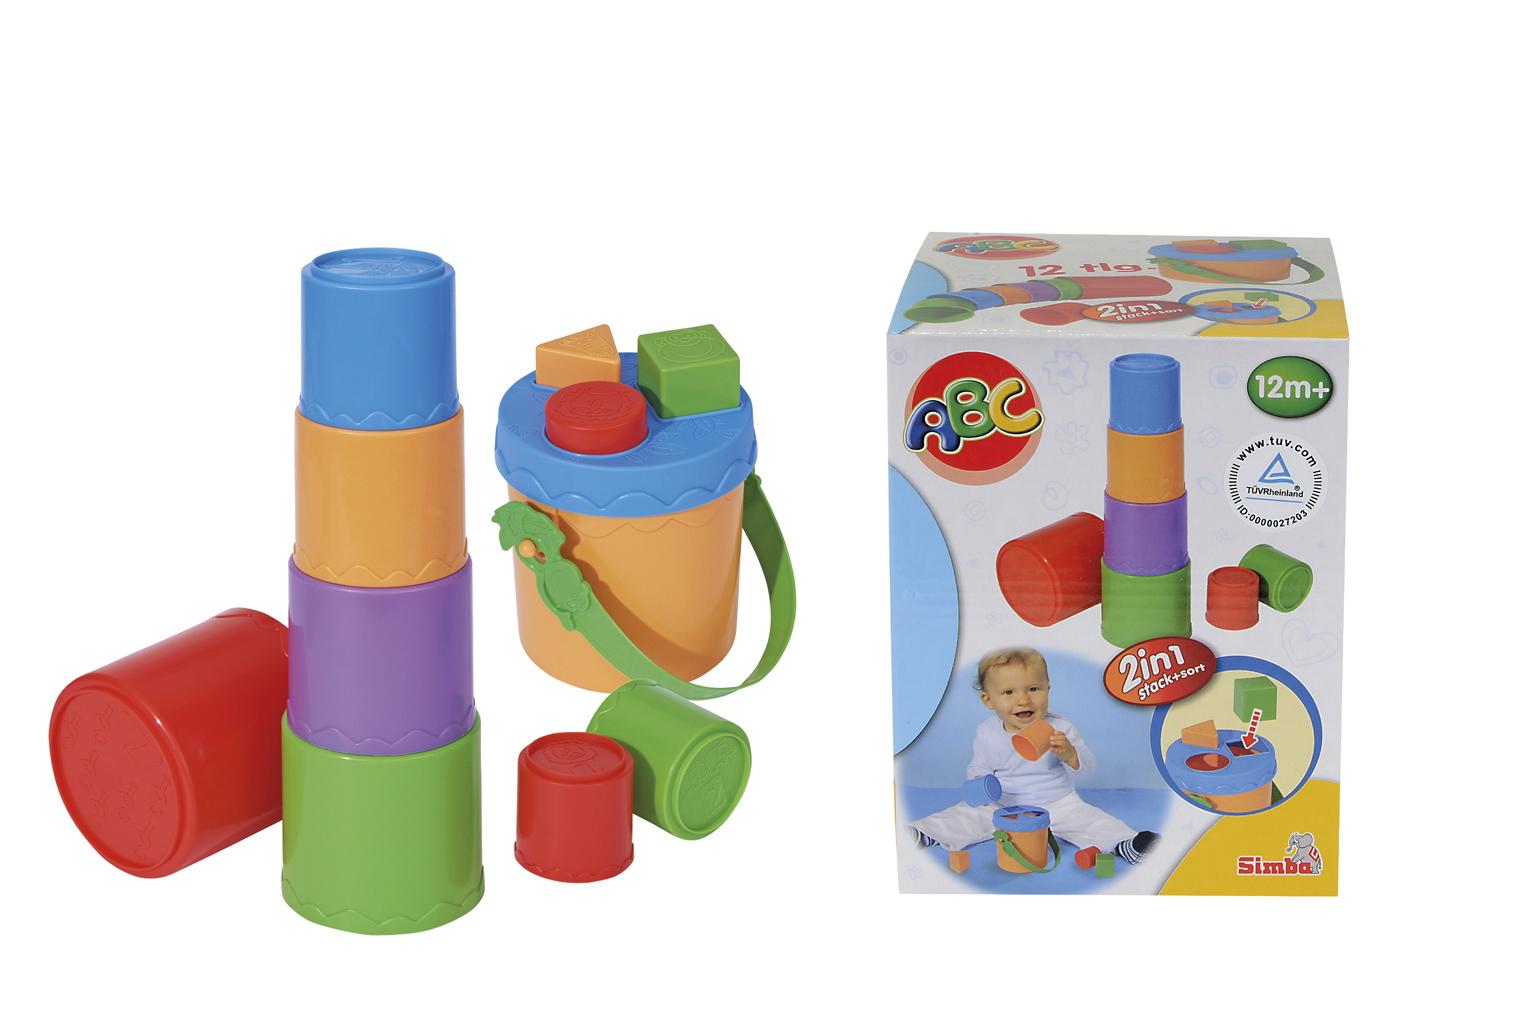 Развивающая игрушка Пирамидка-сортерСортеры, пирамидки<br>Развивающая игрушка Пирамидка-сортер<br>